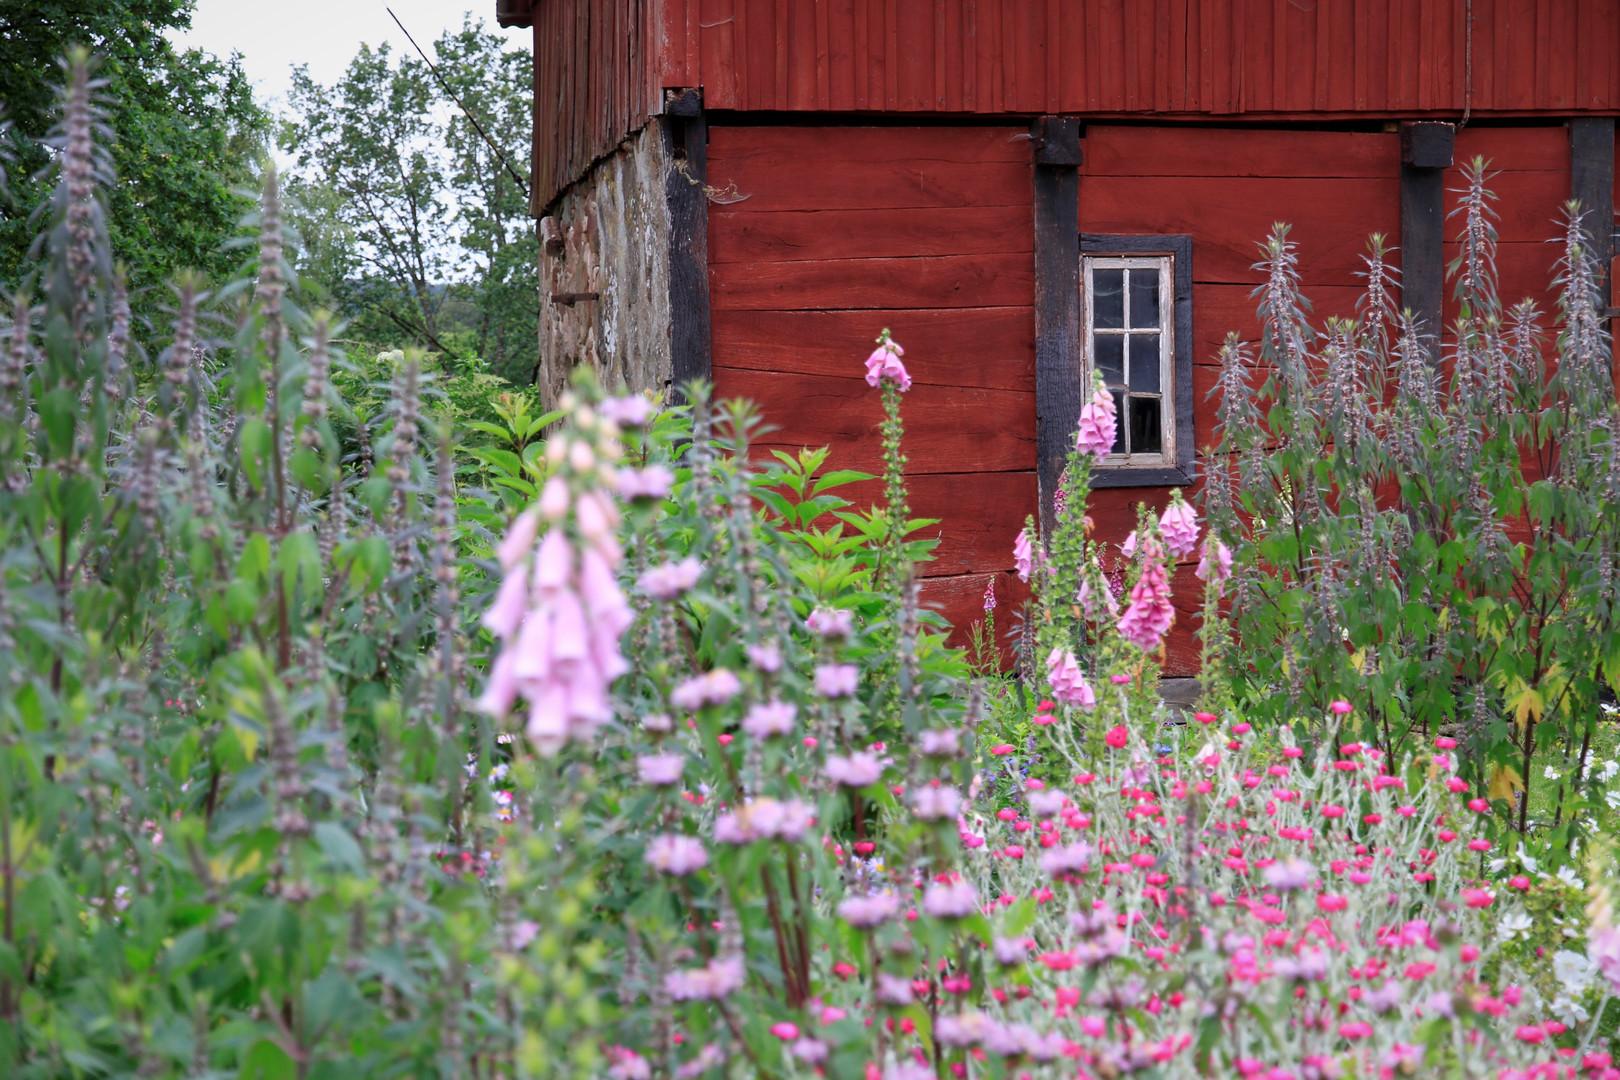 På gårdsplanen finns fjärilsrabatten eller insektsrabatten. Här har vi planterat perenner som ger nektar och pollen till våra värdefulla pollinerare. Vilda insekter har det tufft i vårt konventionellt brukade jord- och skogsbrukslandskap. Vi vill erbjuda dem en oas där det finns massor av mat och skydd. Det surrar och virvlar hela säsongen av olika humlor, bin, fjärilar och andra småkryp. Det lockar i sin tur fåglar och andra djur. Härligt och så viktigt. Om du vill plantera mer växter som gynnar insekter så tipsar jag dig gärna om olika såna.